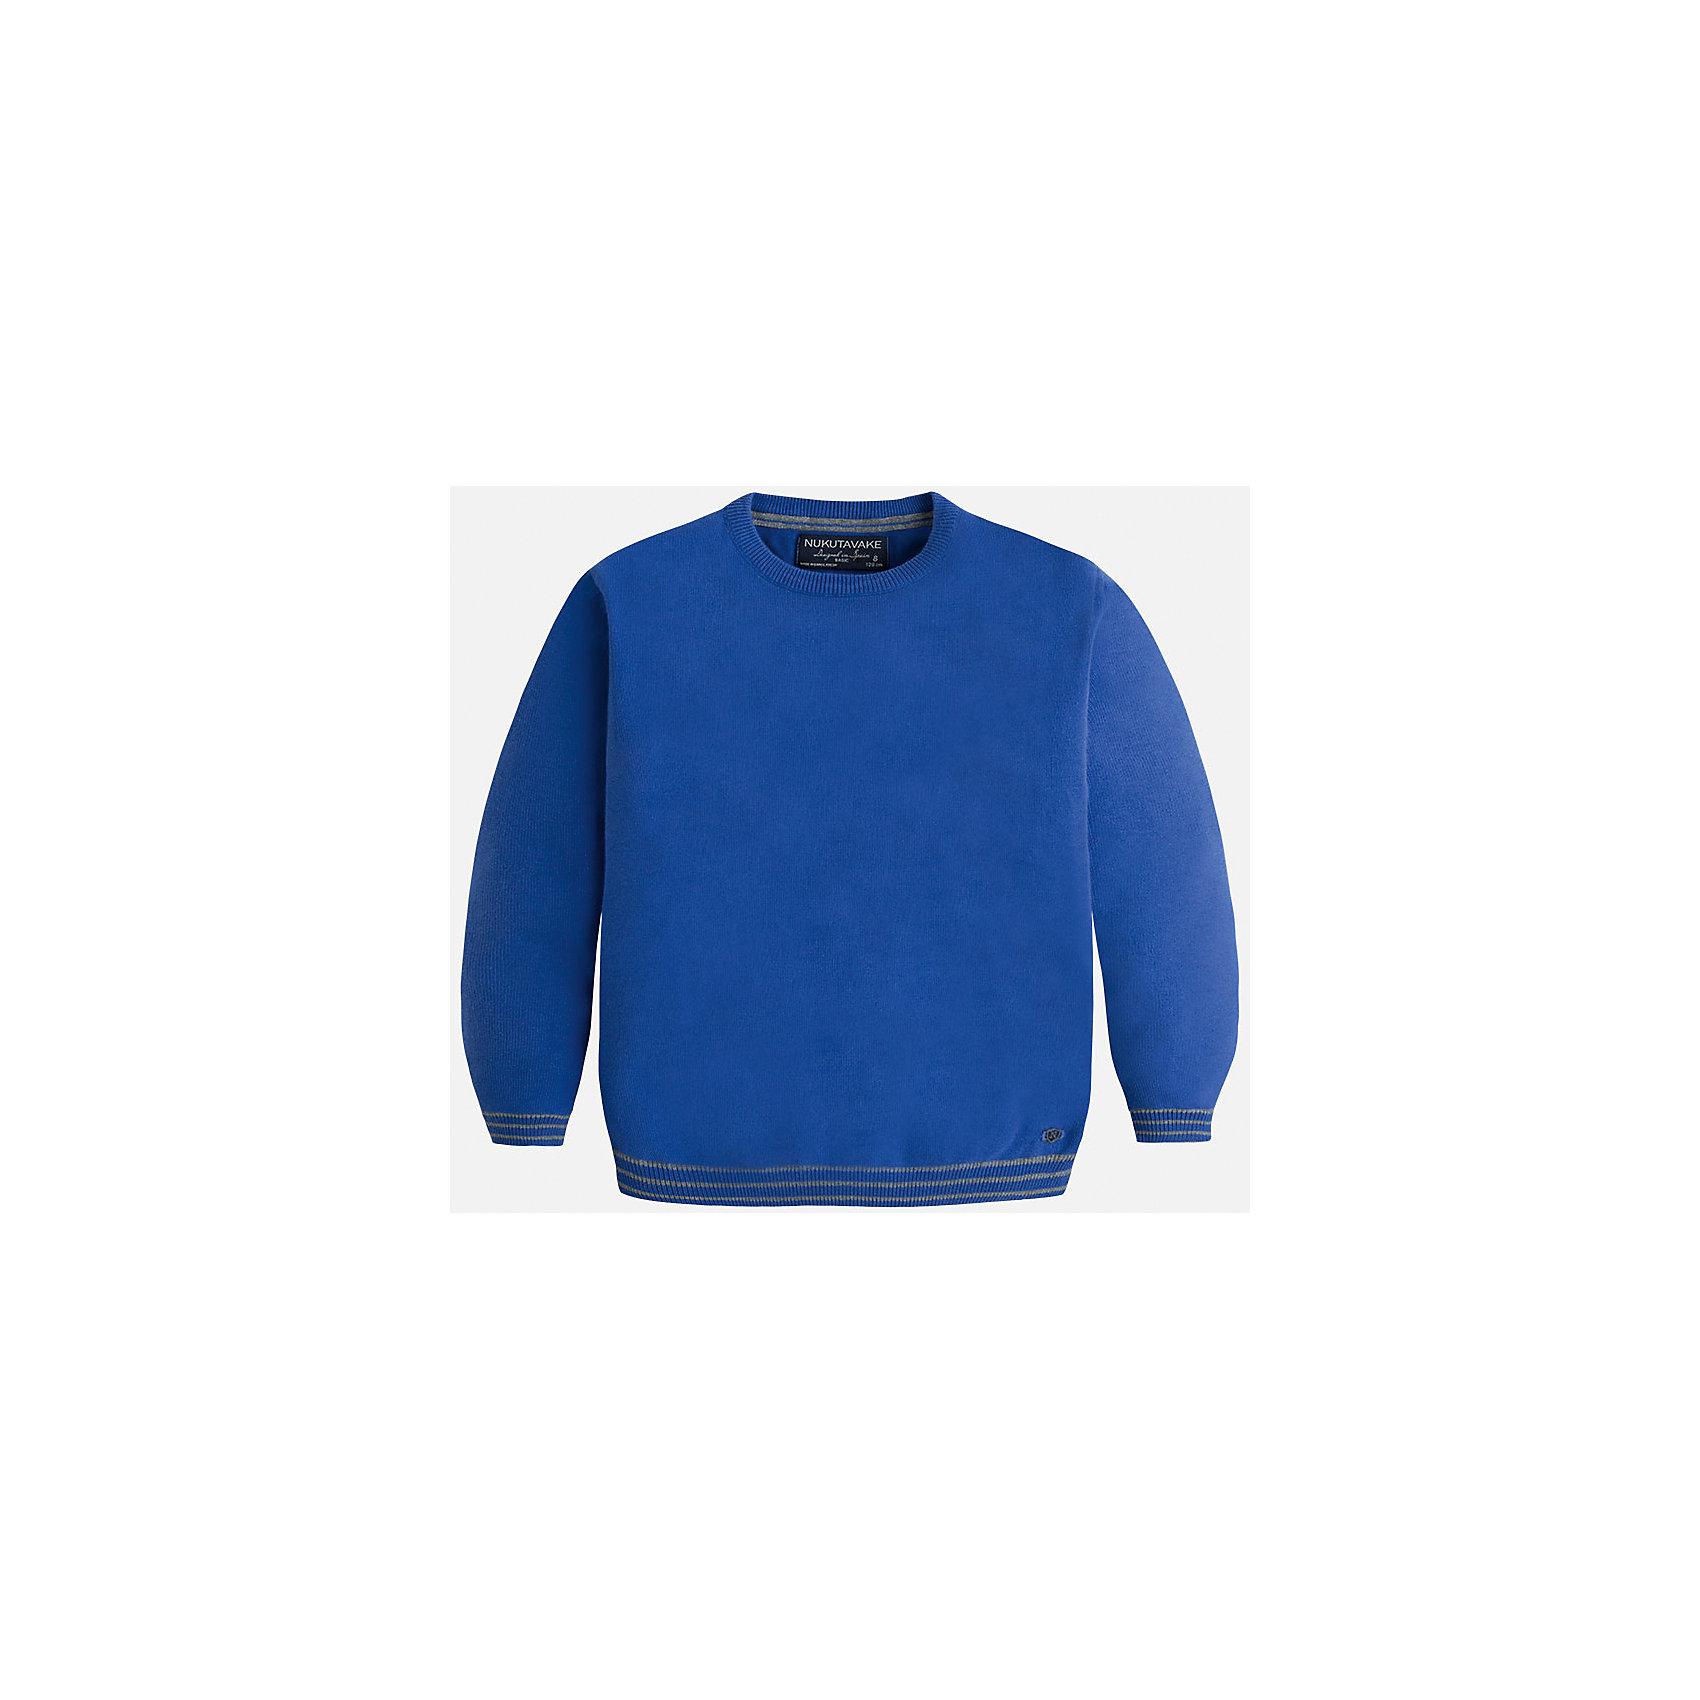 Свитер для мальчика MayoralСвитера и кардиганы<br>Красивый хлопковый свитер, с окантовкой внизу в виде трех серых полосок. Свитер хорошо садится и не тянется со временем.<br><br>Дополнительная информация:<br><br>- Прямой крой. <br>- Страна бренда: Испания.<br>- Состав: хлопок 100%<br>- Цвет: голубой.<br>- Уход: бережная стирка при 30 градусах.<br><br>Купить свитер для мальчика Mayoral можно в нашем магазине.<br><br>Ширина мм: 190<br>Глубина мм: 74<br>Высота мм: 229<br>Вес г: 236<br>Цвет: фиолетовый<br>Возраст от месяцев: 96<br>Возраст до месяцев: 108<br>Пол: Мужской<br>Возраст: Детский<br>Размер: 128/134,164/170,134/140,146/152,152/158,158/164<br>SKU: 4821718